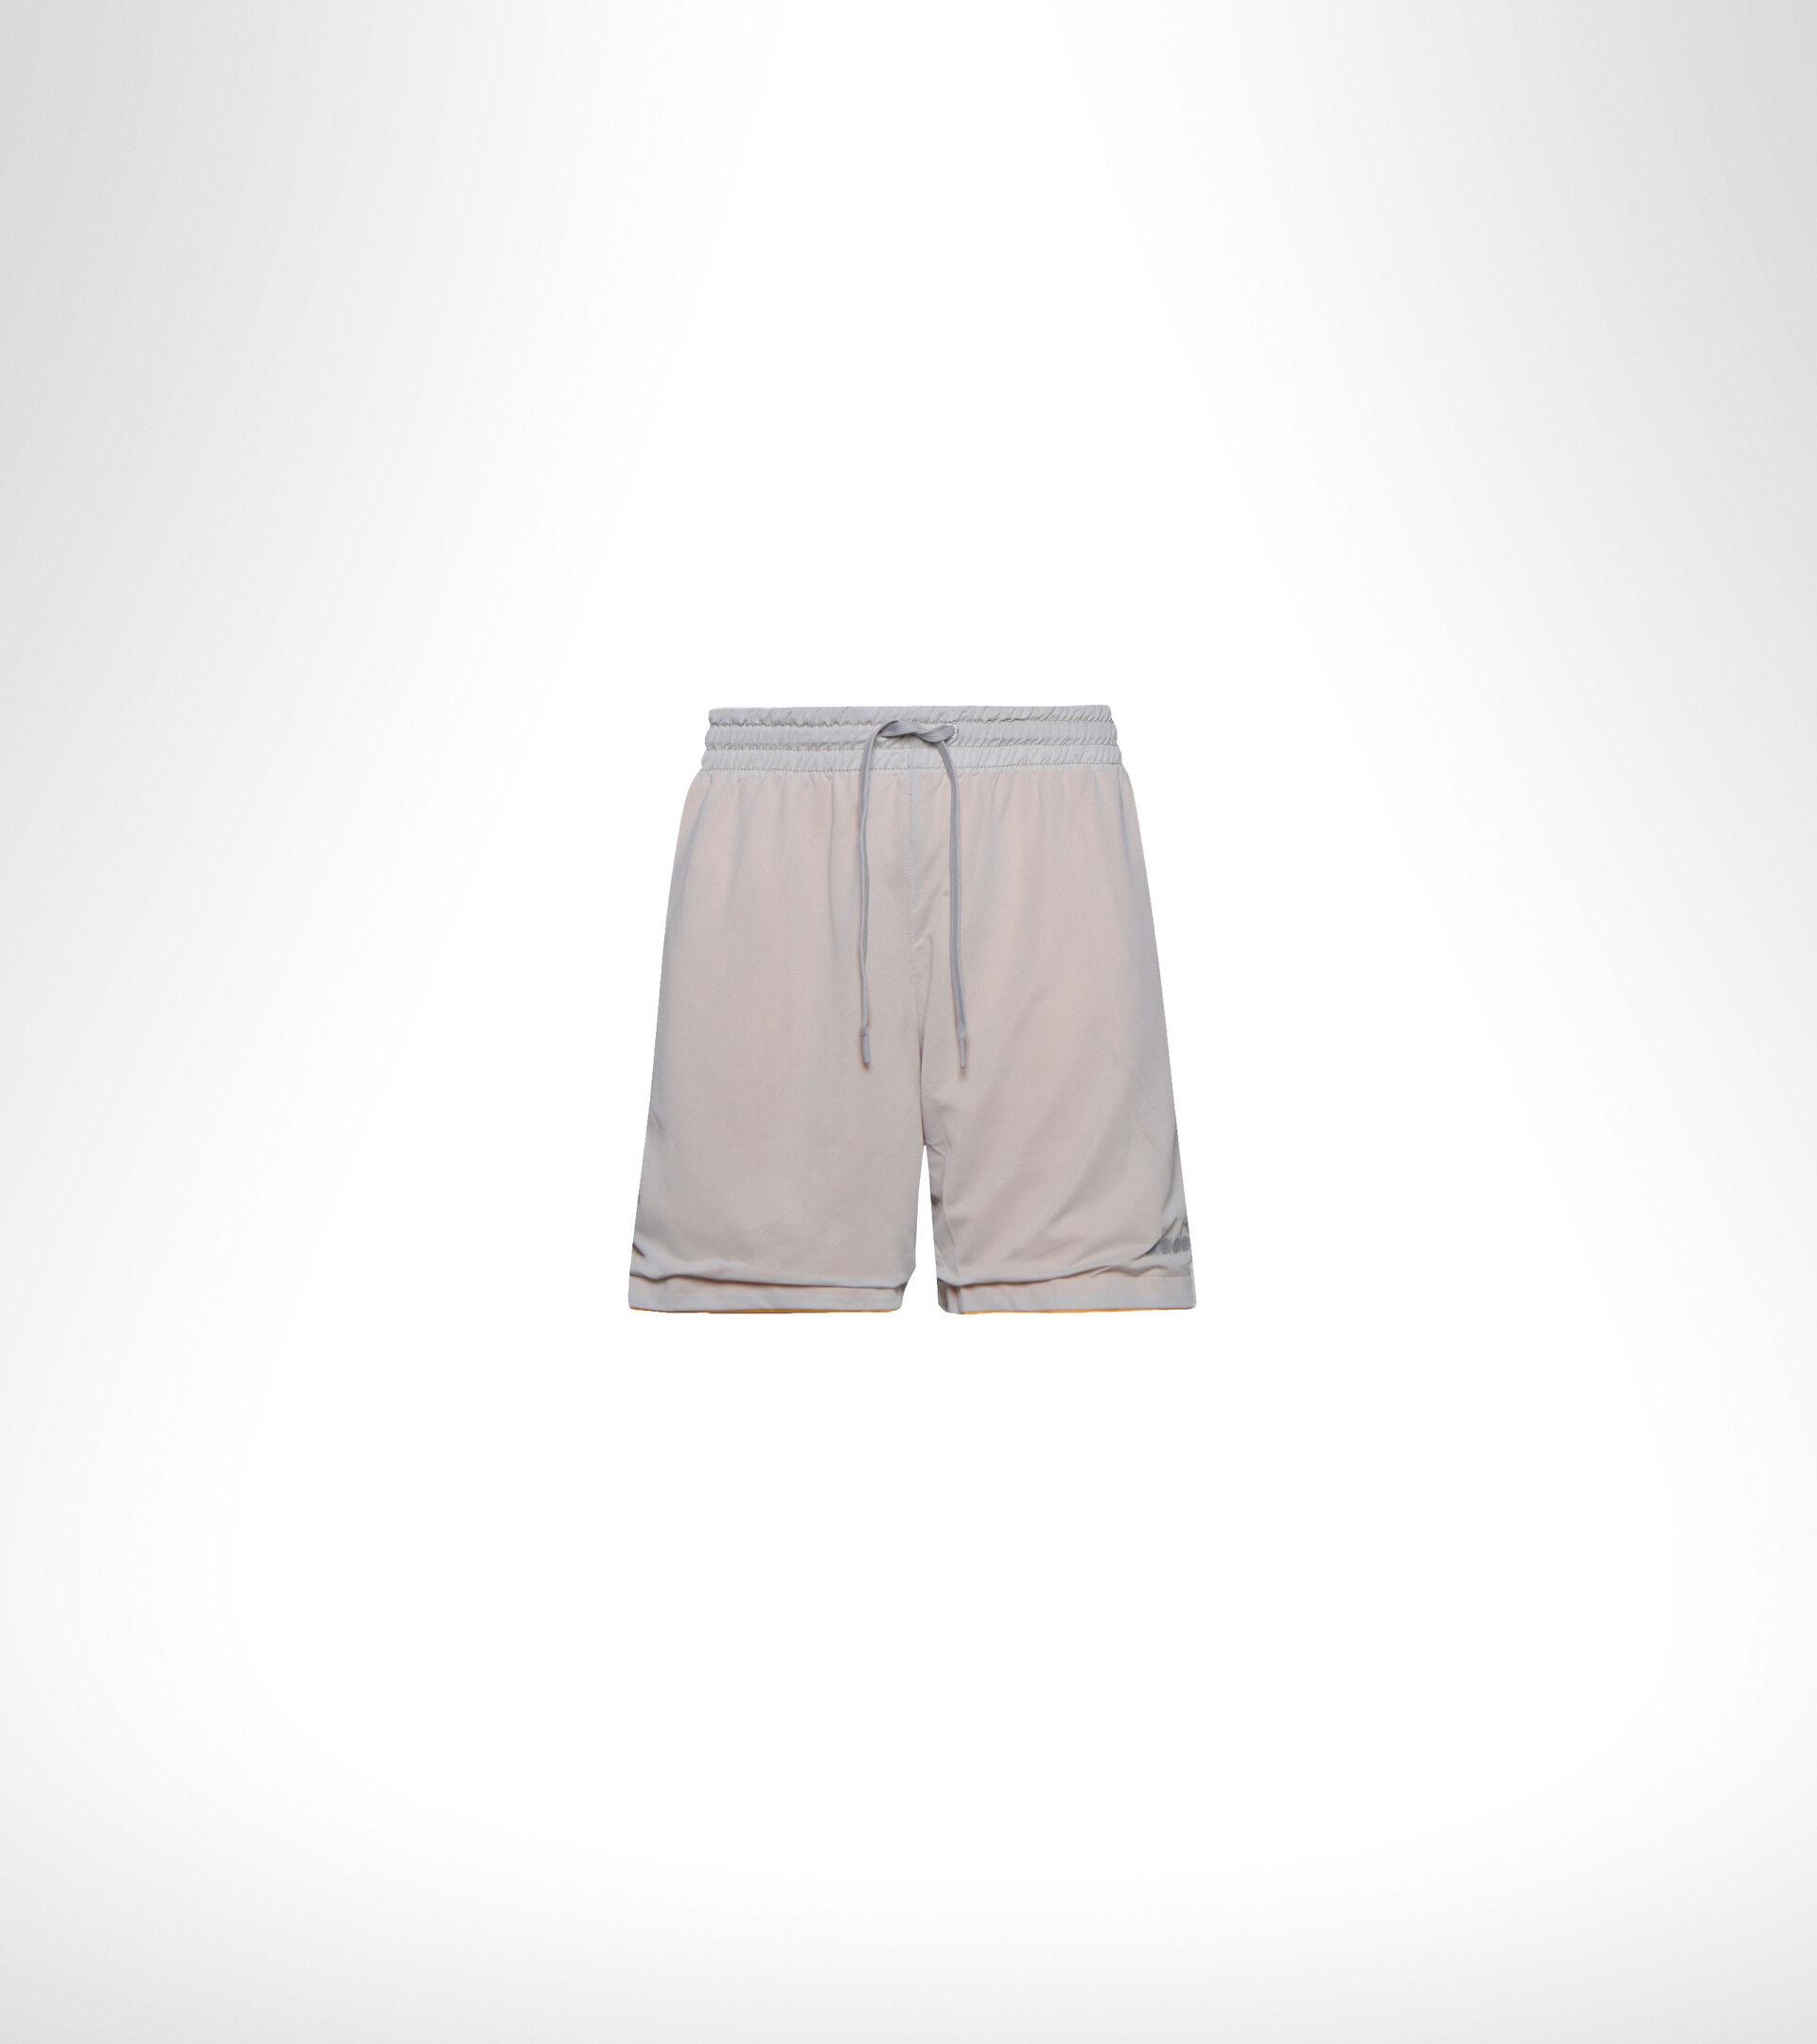 Double-face running shorts - Men BERMUDA REVERSIBLE BE ONE GRAY QUIET SHADE/SAFFRON - Diadora